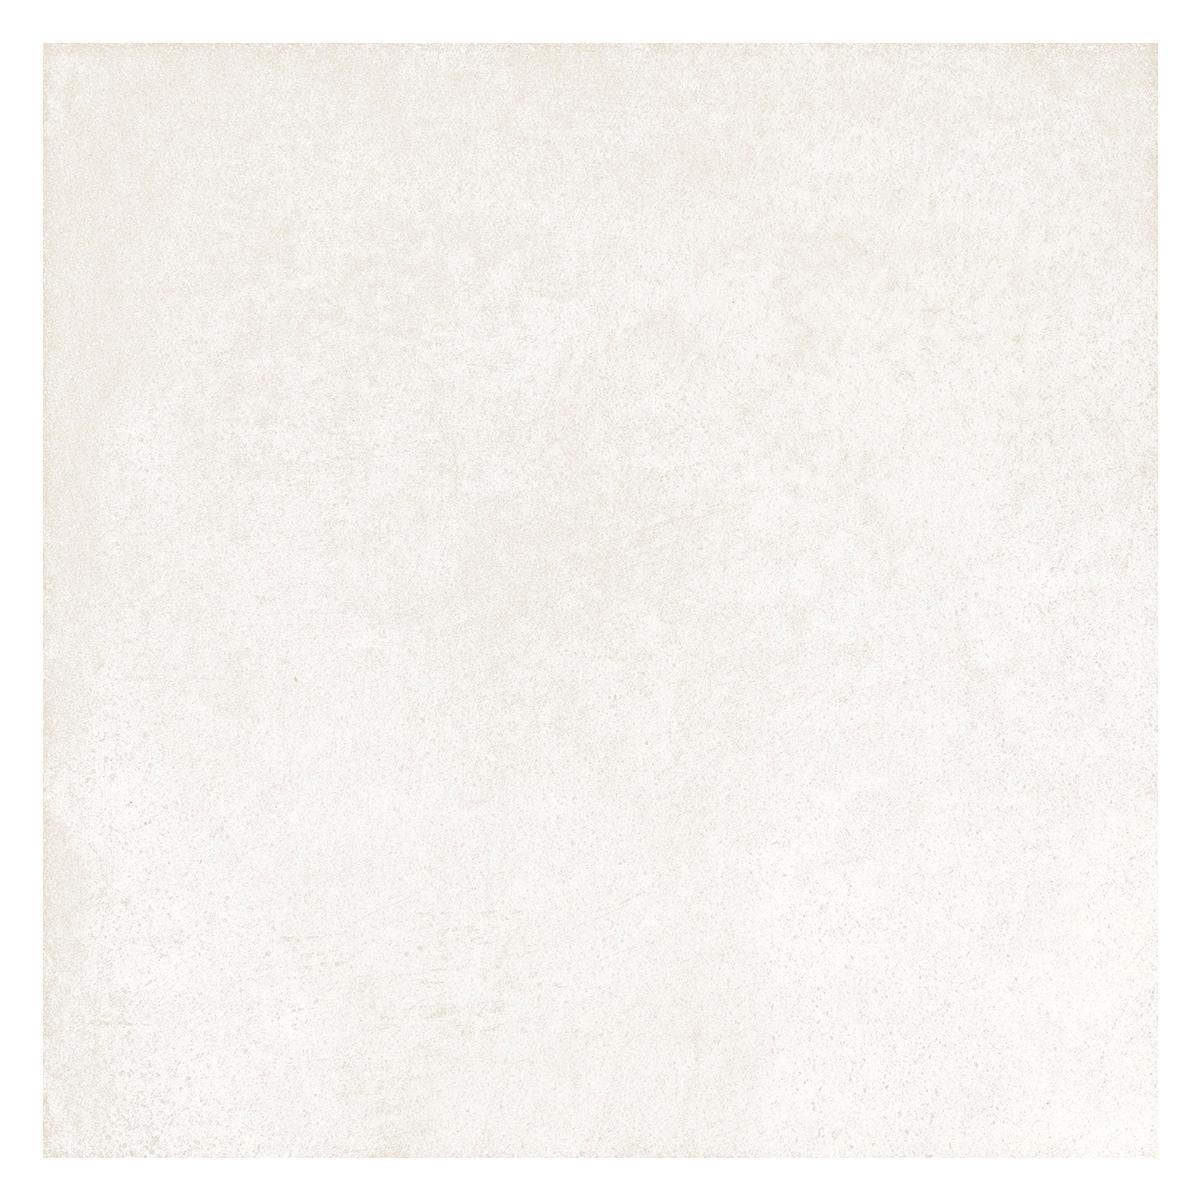 Porcelanato Tokio Marfil Mate - 60X60 cm - 1.44 m2